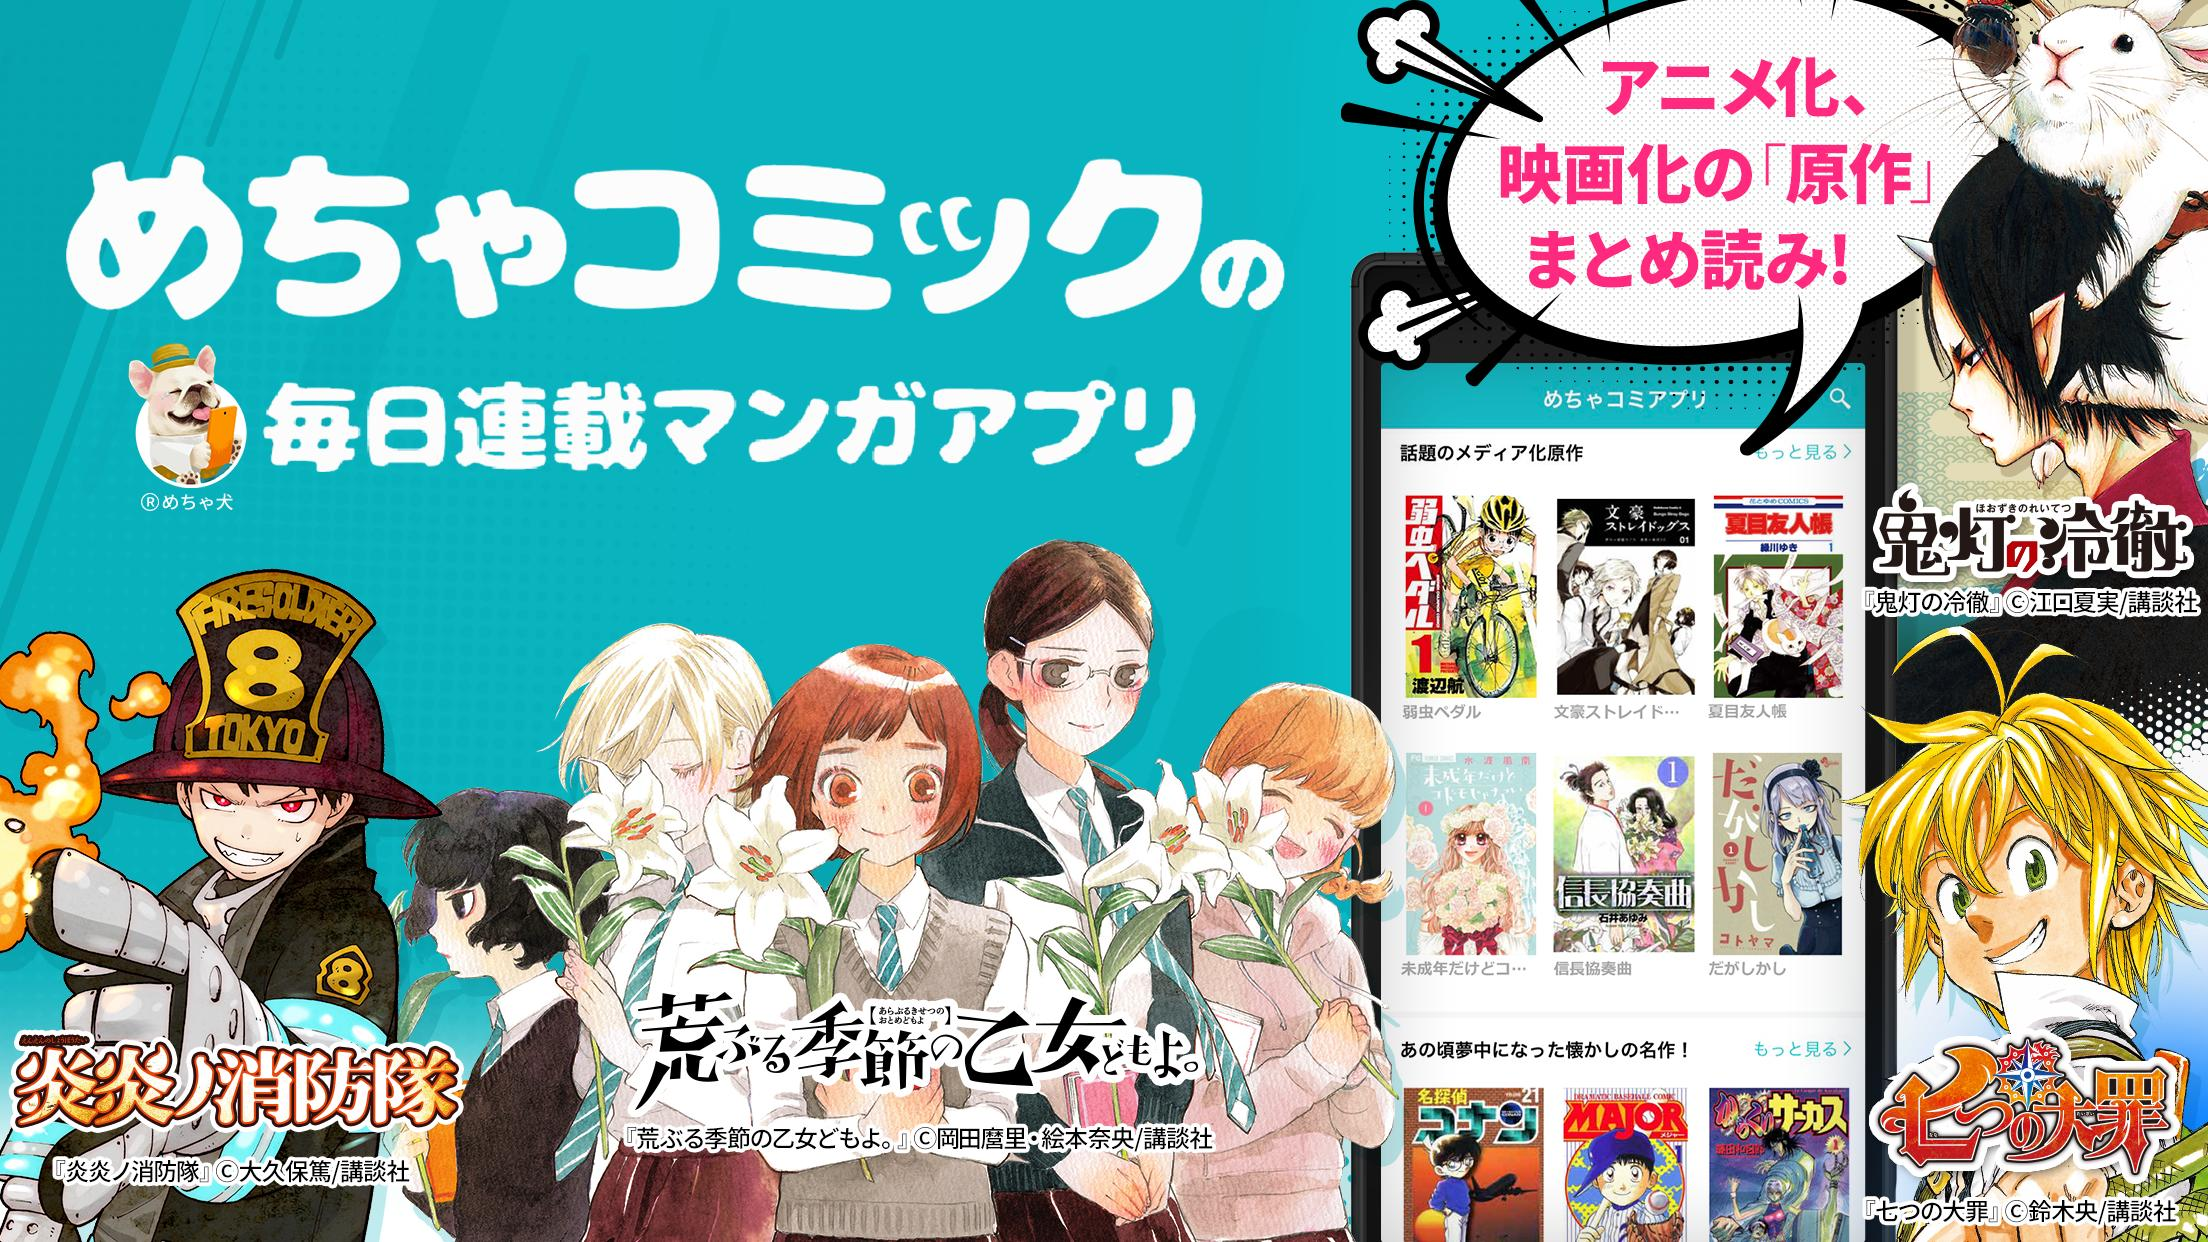 めちゃ コミック 無料 で 読む 方法